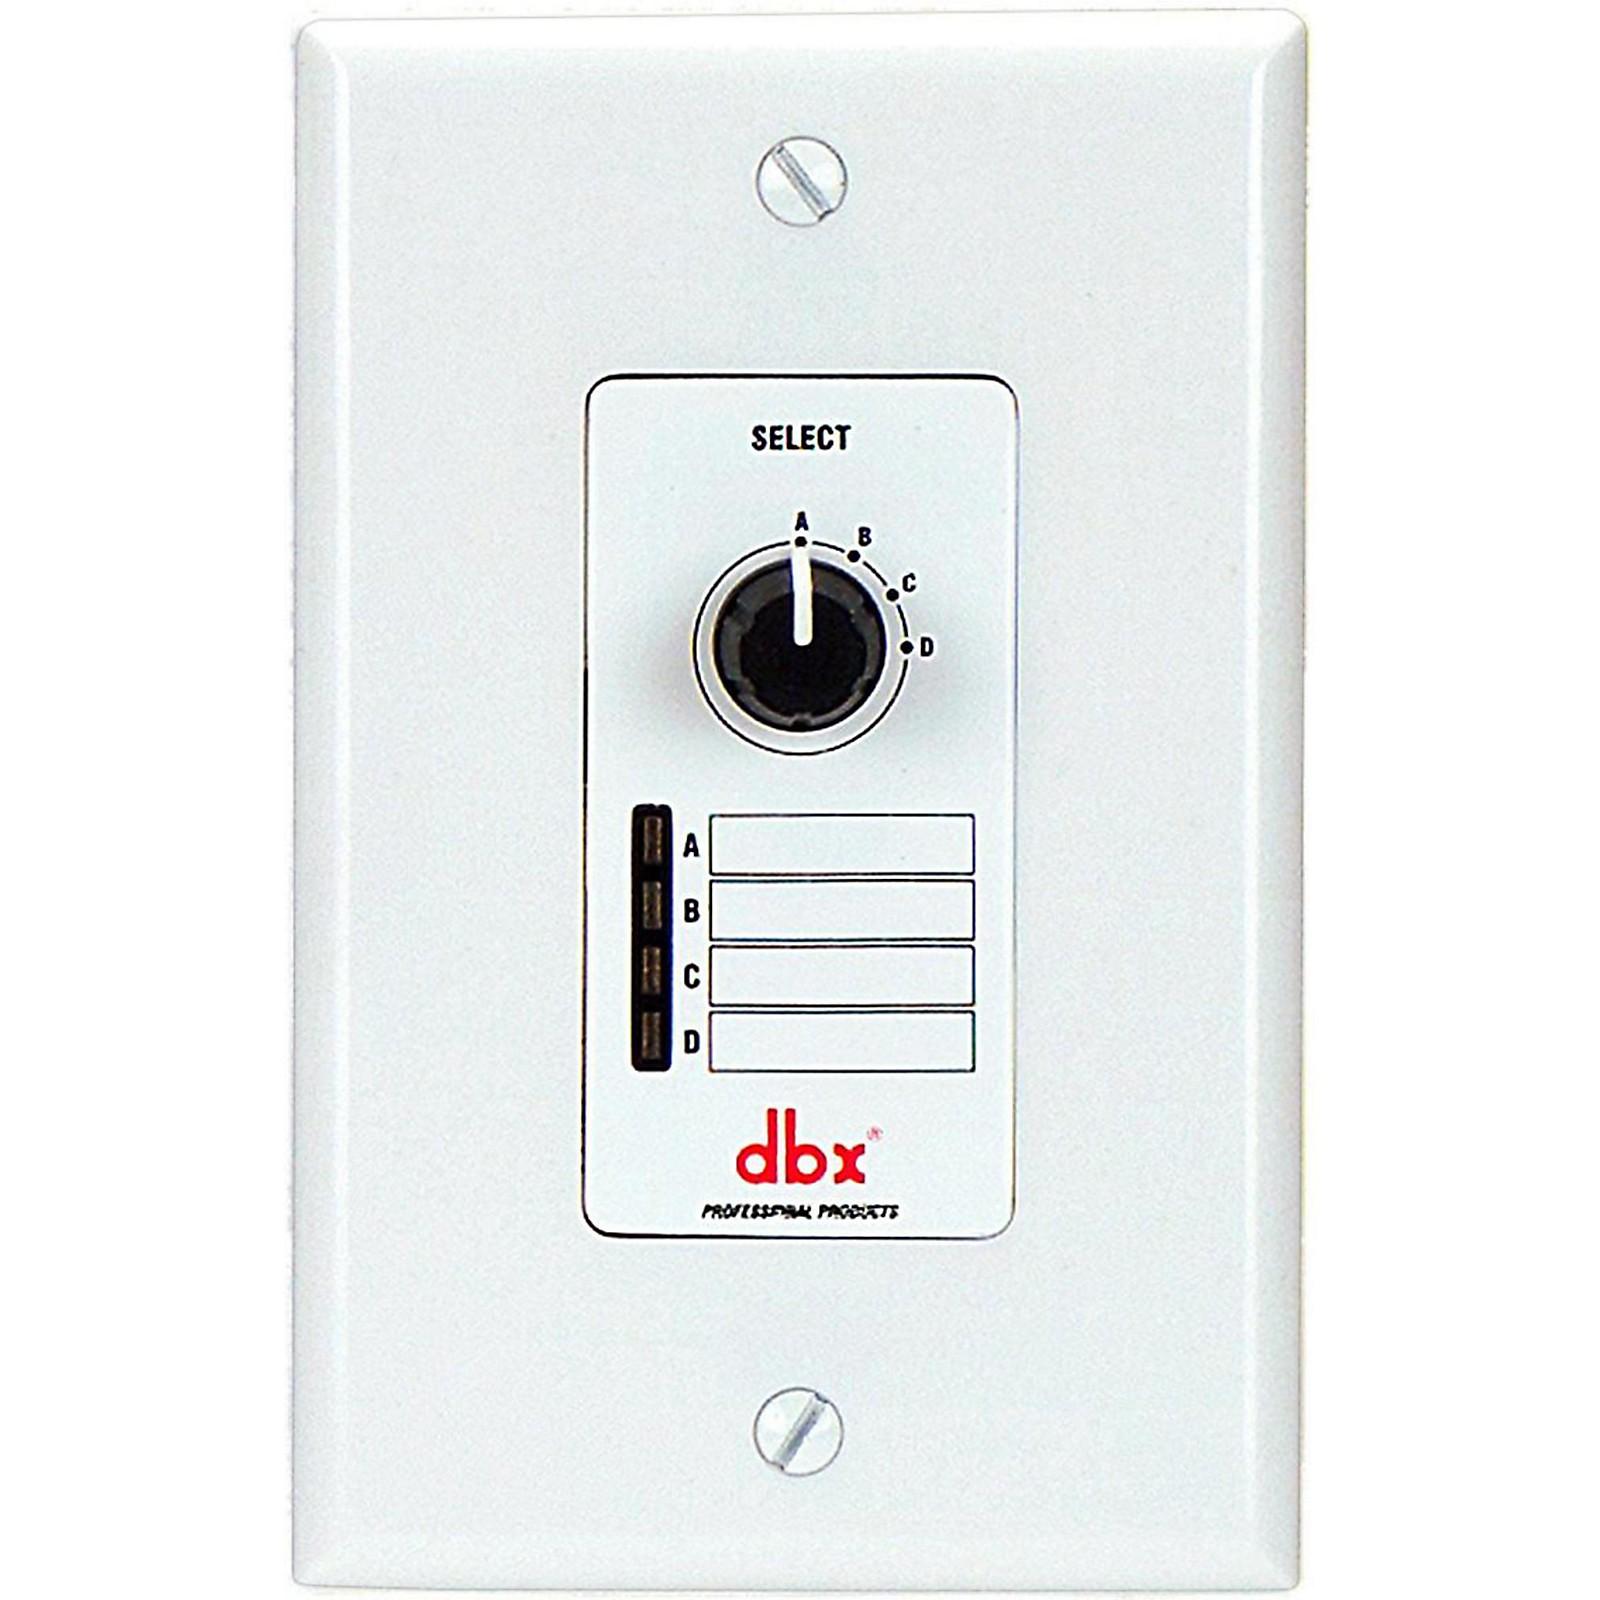 dbx DBXZC3V Wall Mount Zone Control